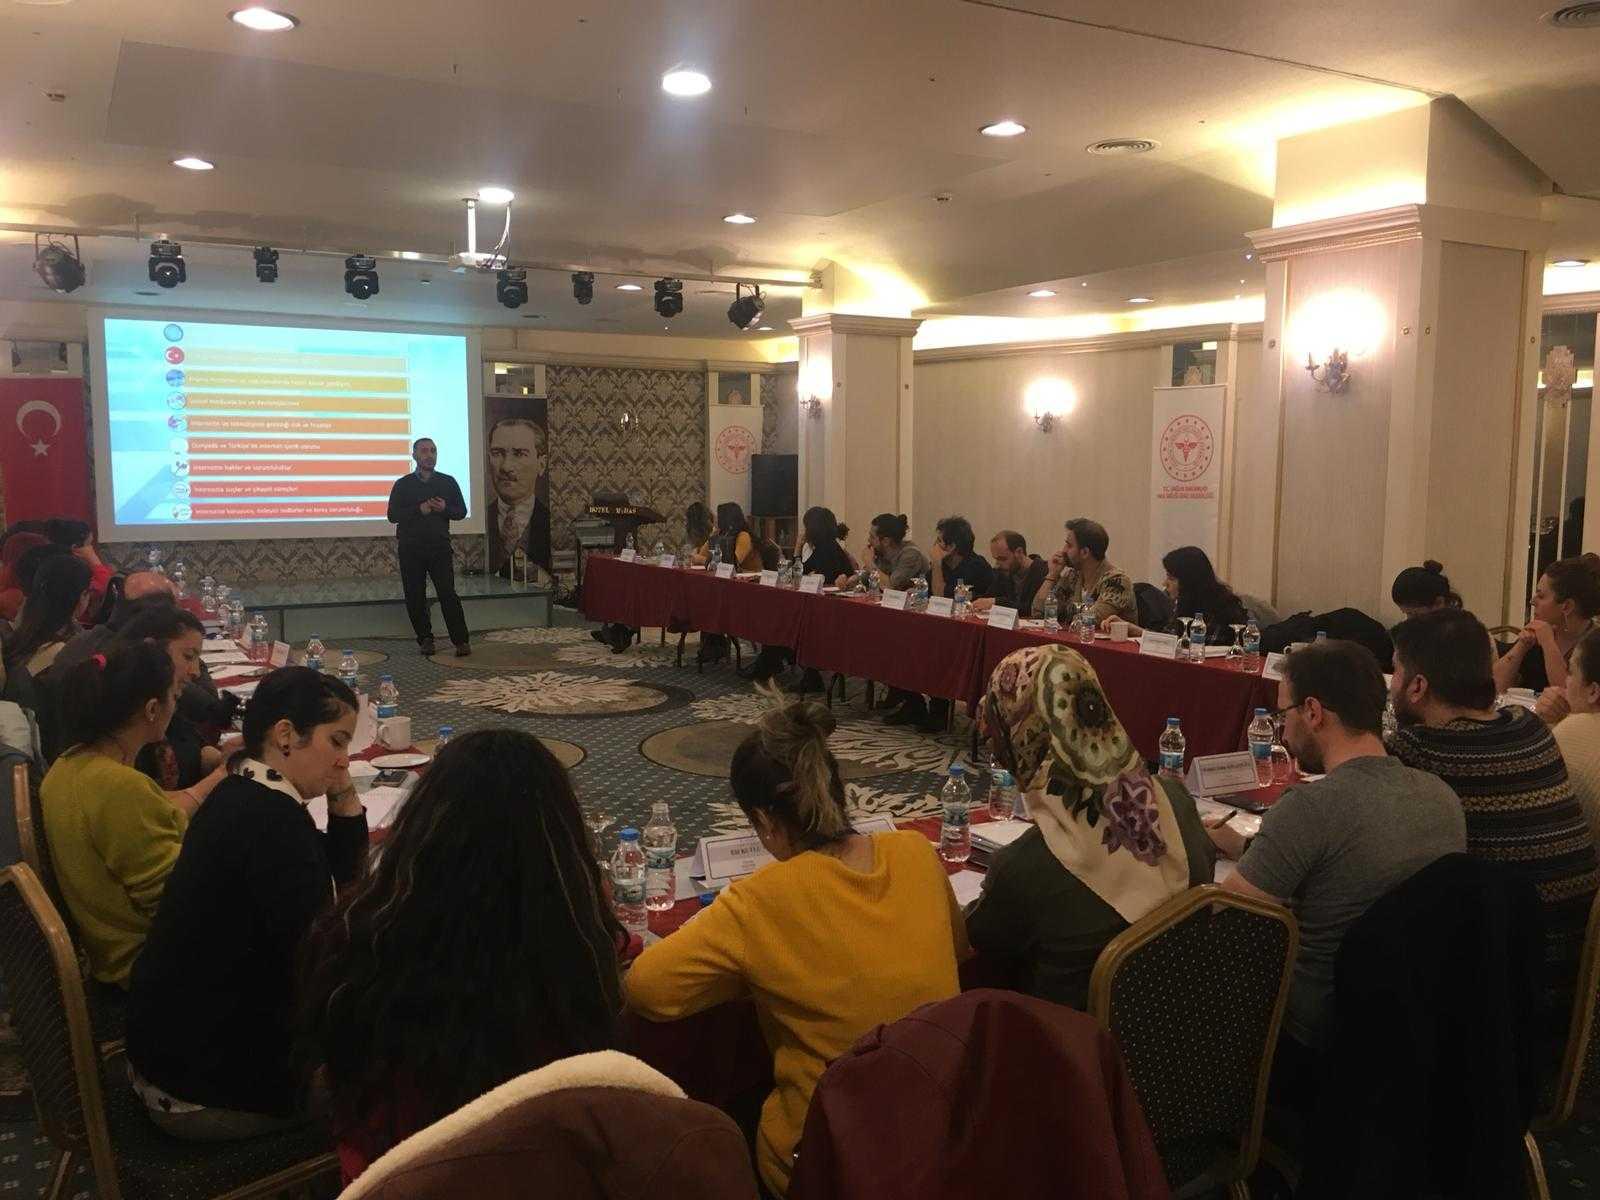 Ankara Sağlık Bakanlığı Davranışsal Bağımlılıkla Mücadele Programı